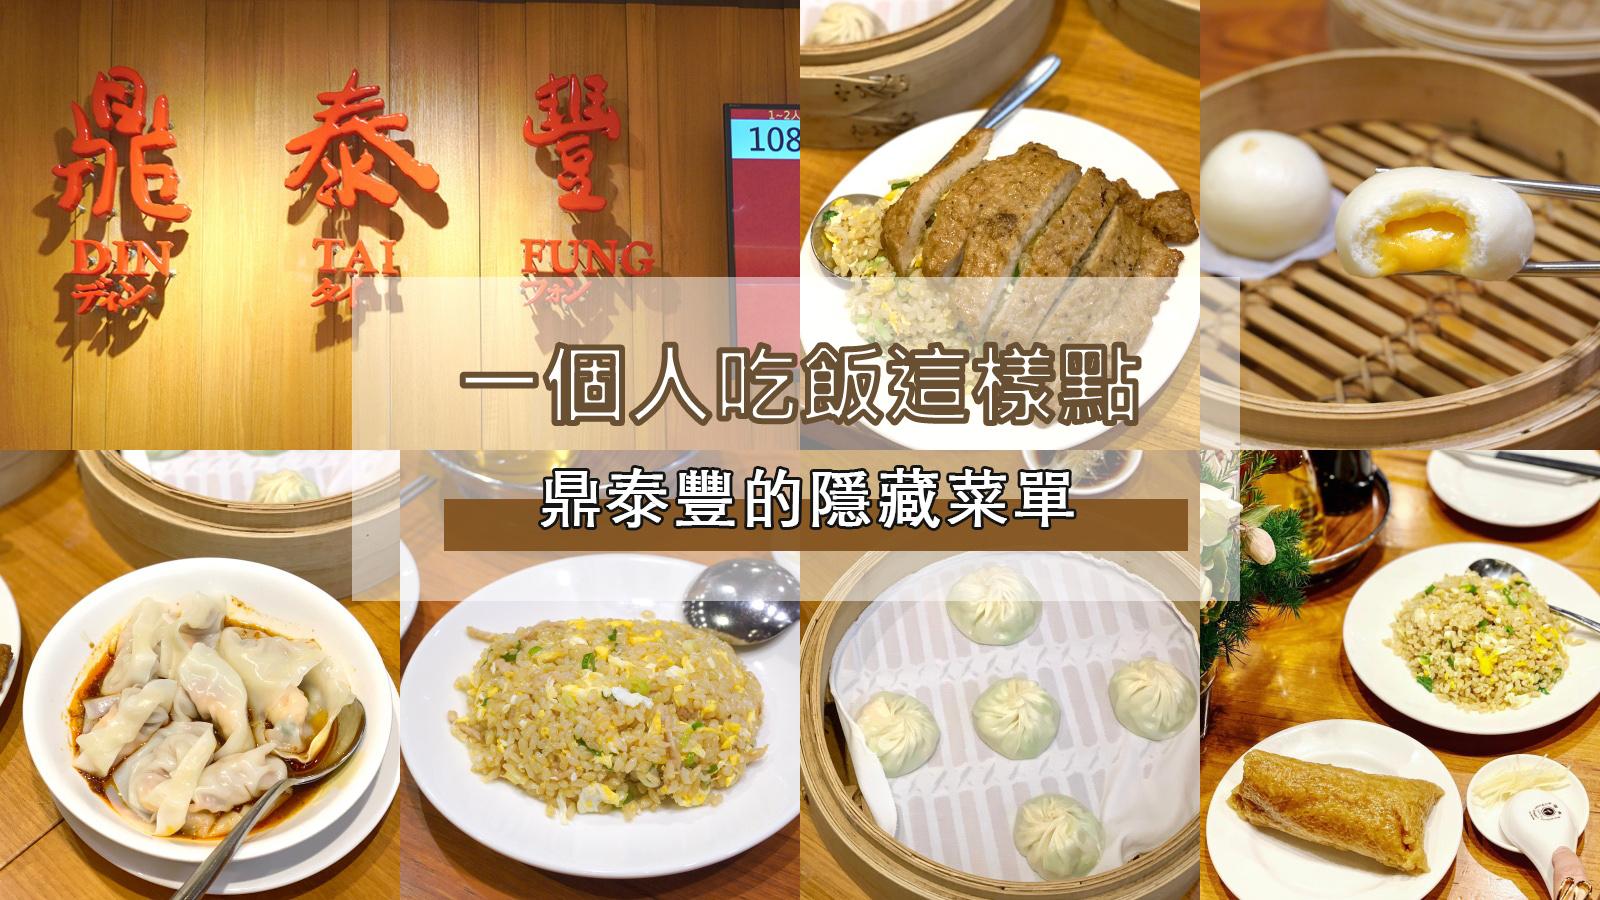 網站熱門文章:☆【美食】一個人吃鼎泰豐這樣點!鼎泰豐的隱藏版菜單